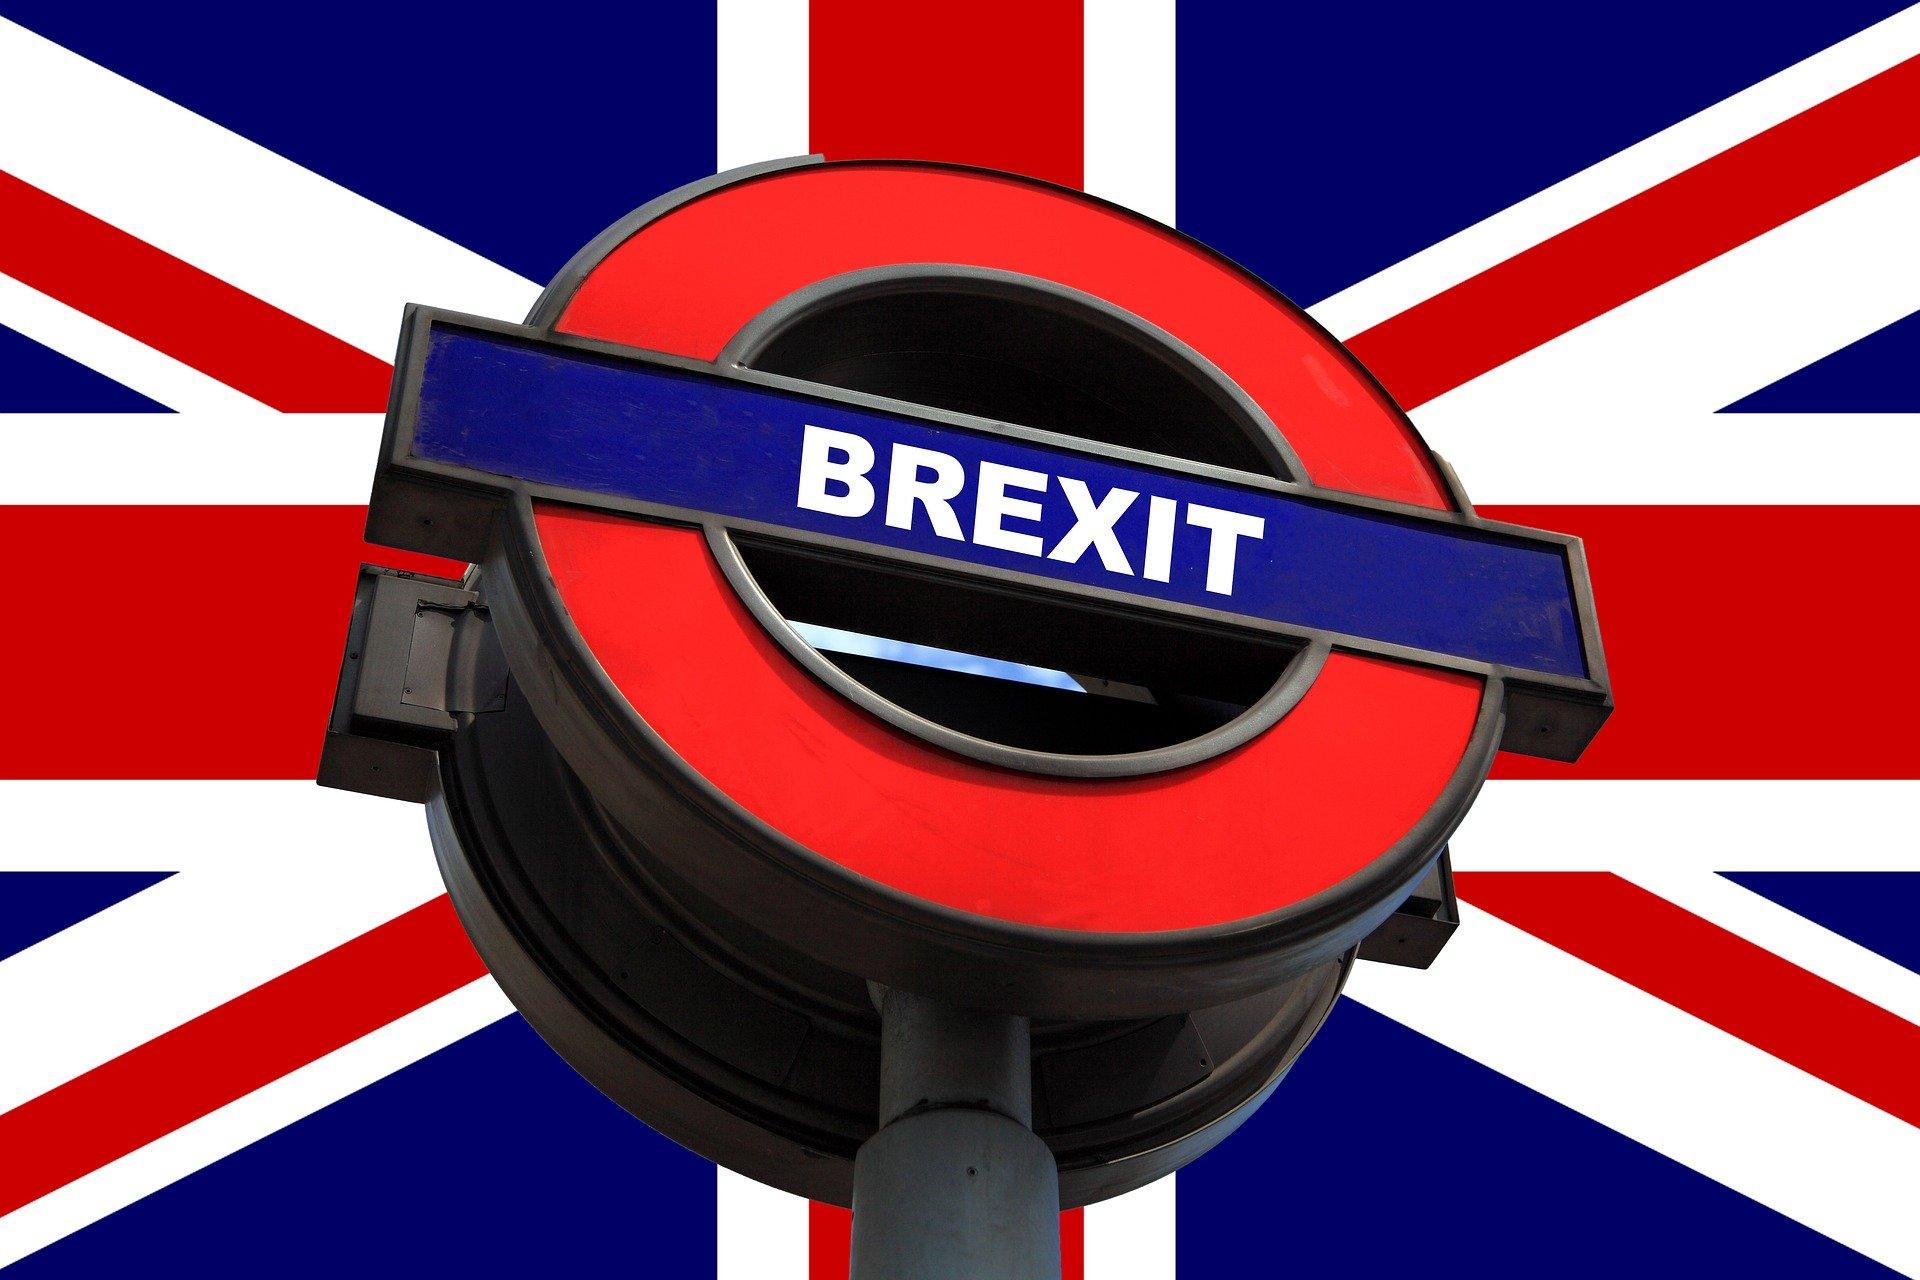 4B. brexit-4129517_1920